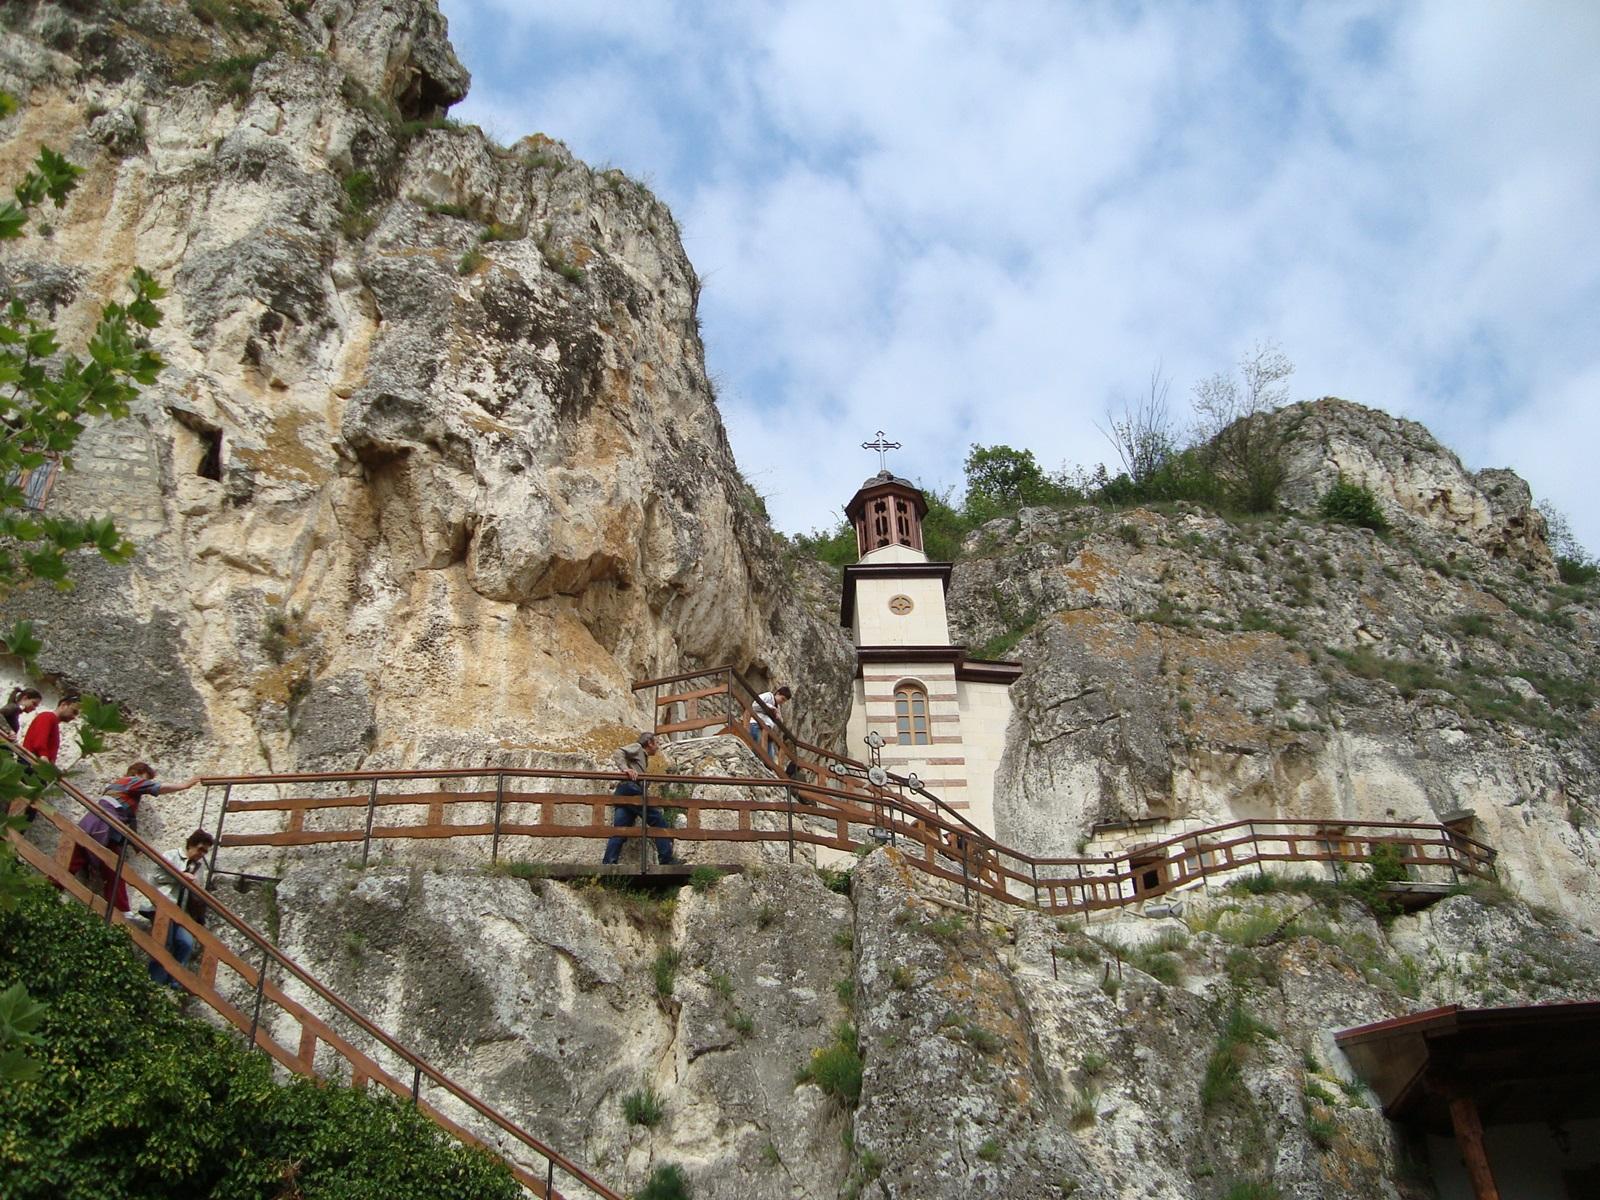 جاذبه های گردشگری بلغارستان - صومعه ایوانووو